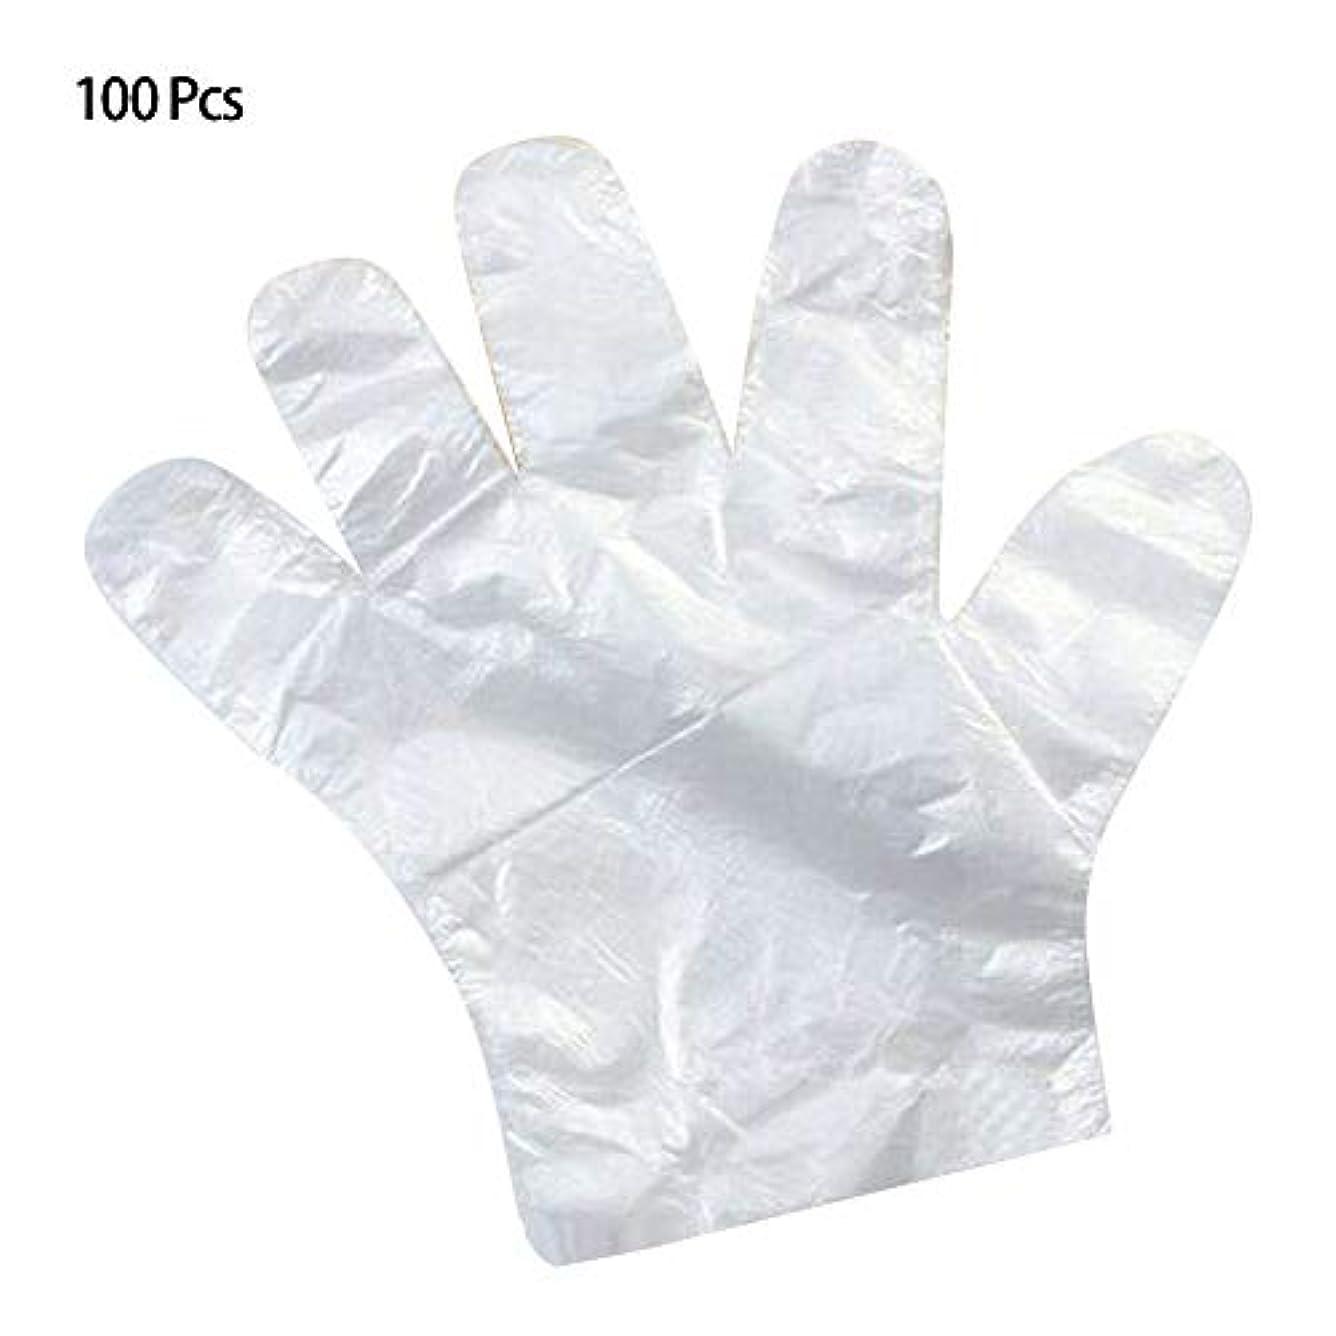 輪郭駅判定LITI 使い捨て手袋 極薄ビニール手袋 透明 実用 衛生 極薄手袋 美容 調理 お掃除 毛染め 左右兼用 100枚